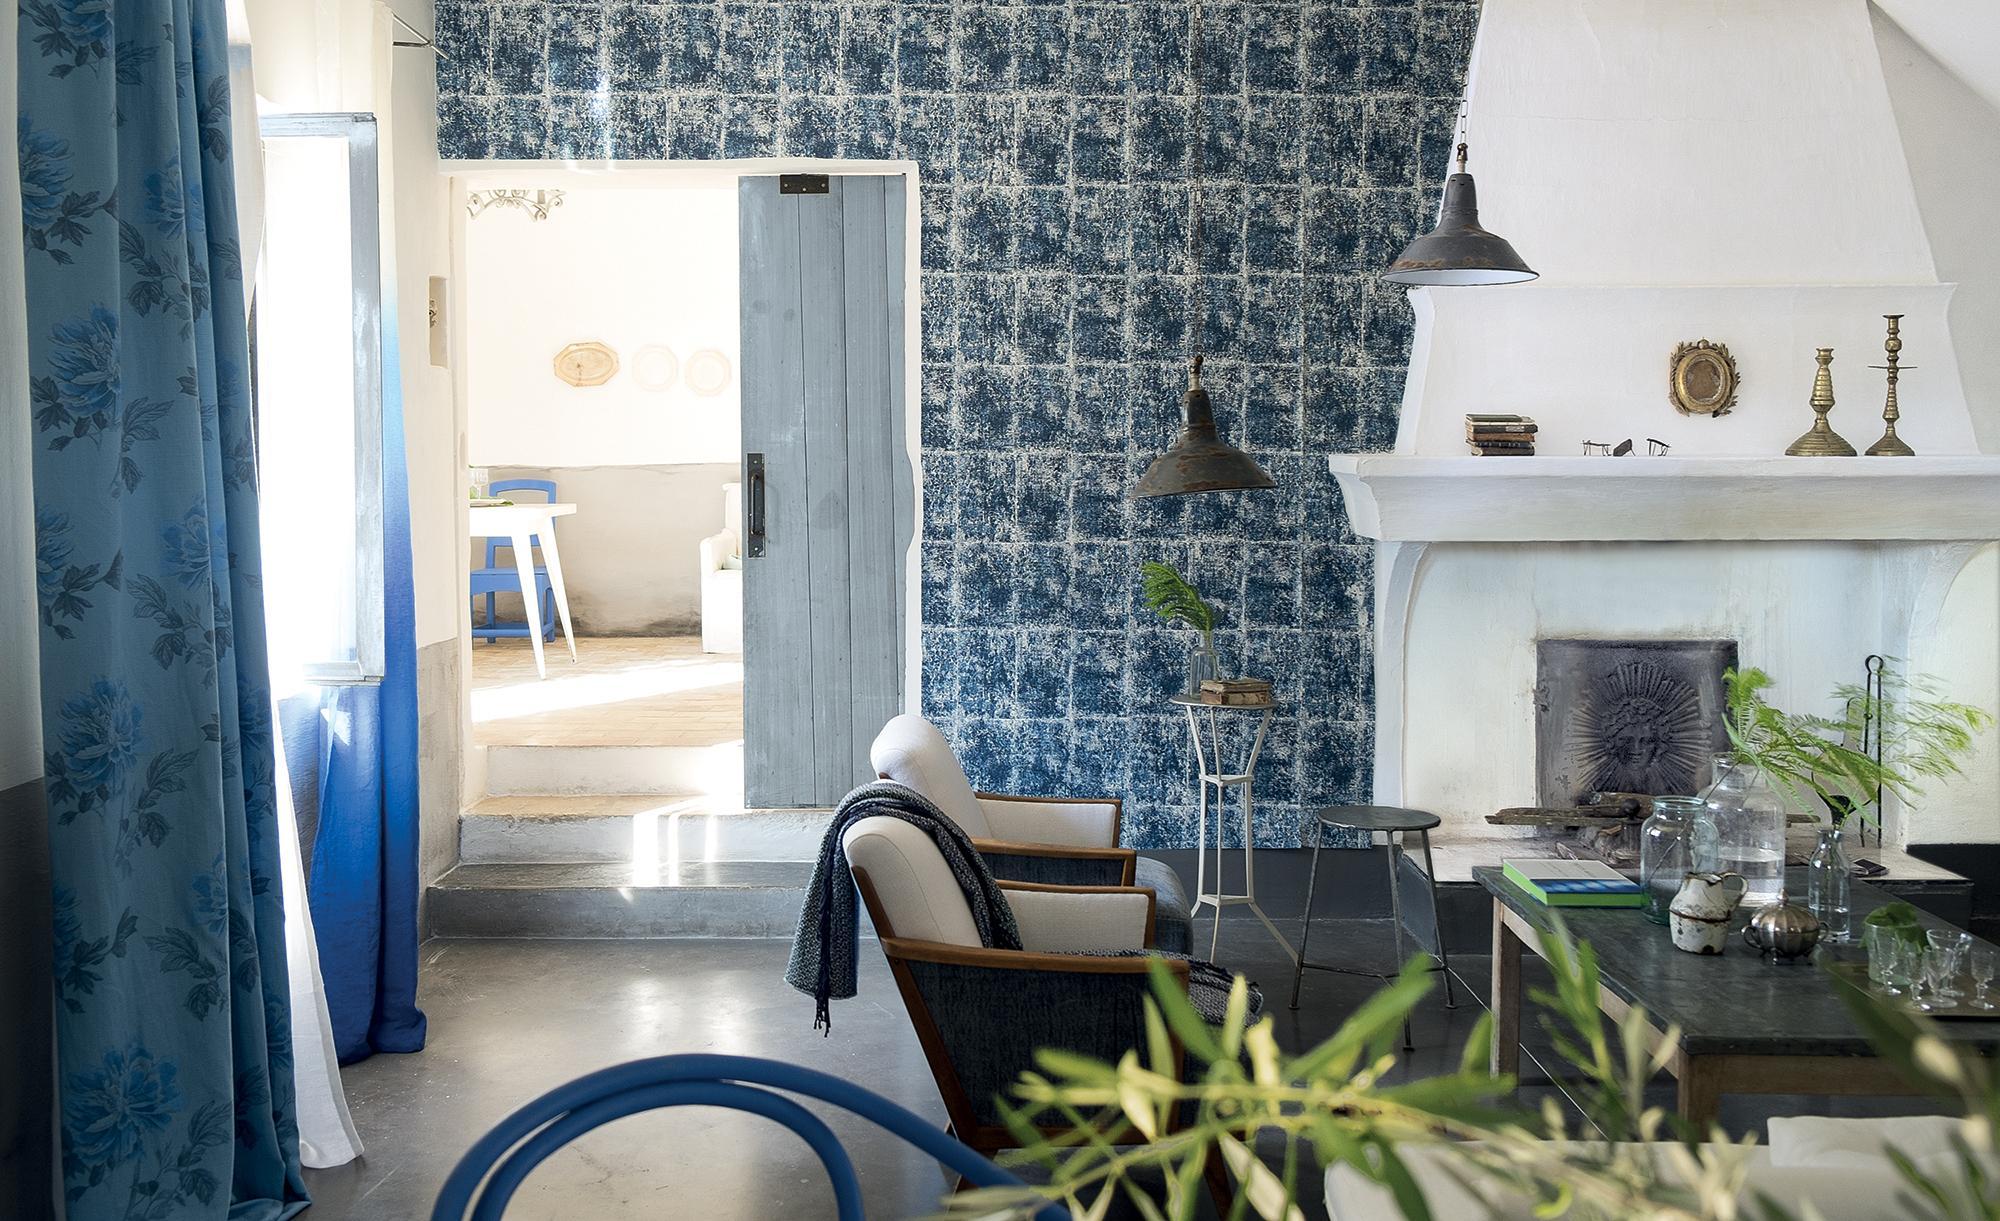 gemusterte fliesen im wohnzimmer #kamin #sessel #fli • couchstyle, Wohnzimmer